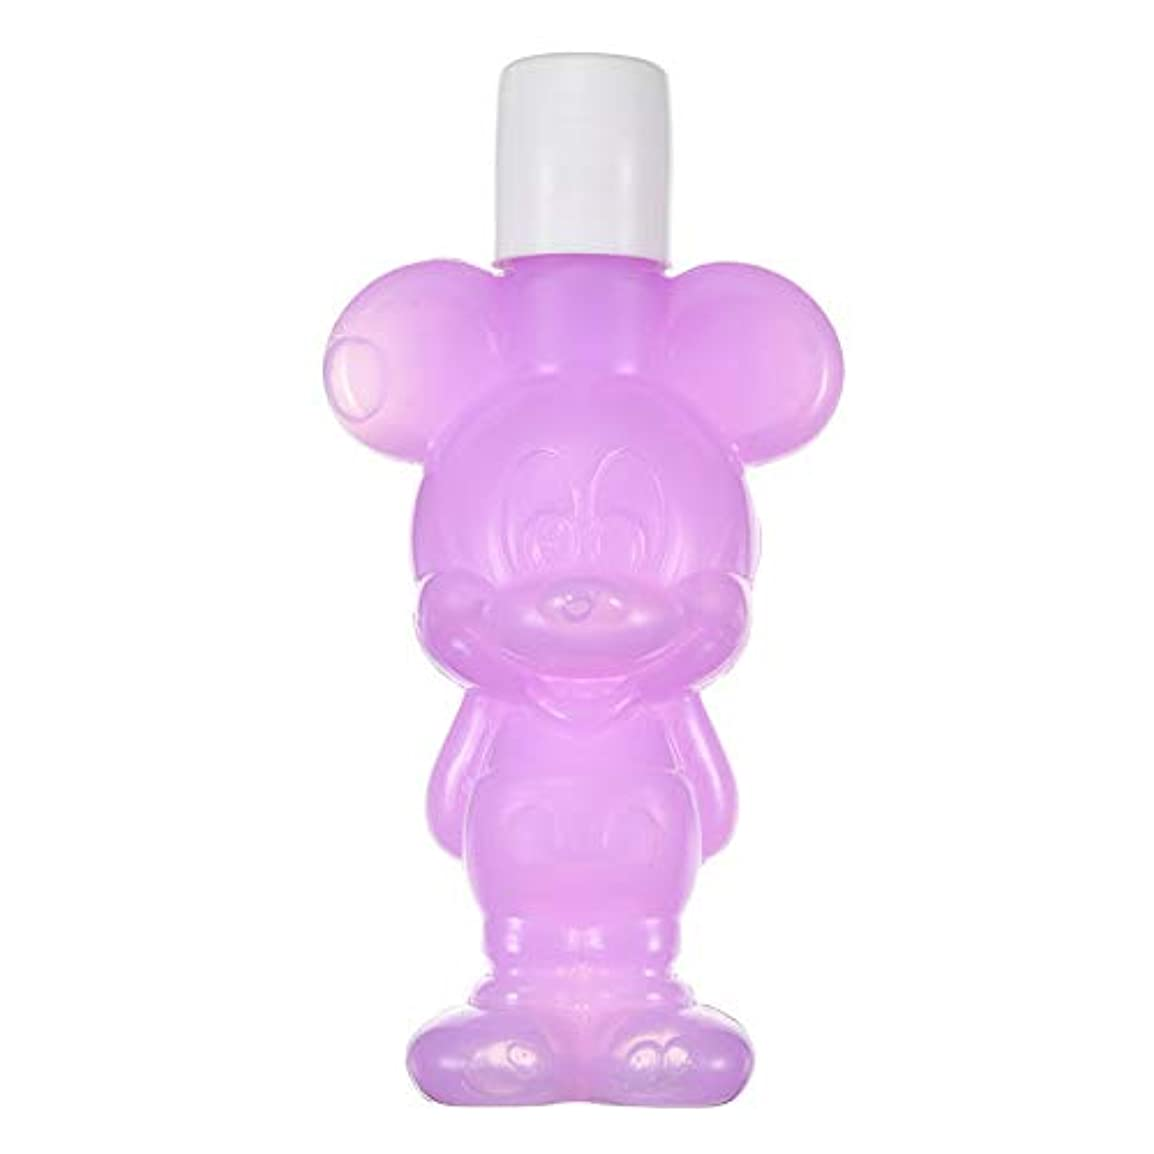 通信網忘れっぽい交響曲ディズニーストア(公式)保湿ジェル ミッキー パープル Gummy Candy Cosme